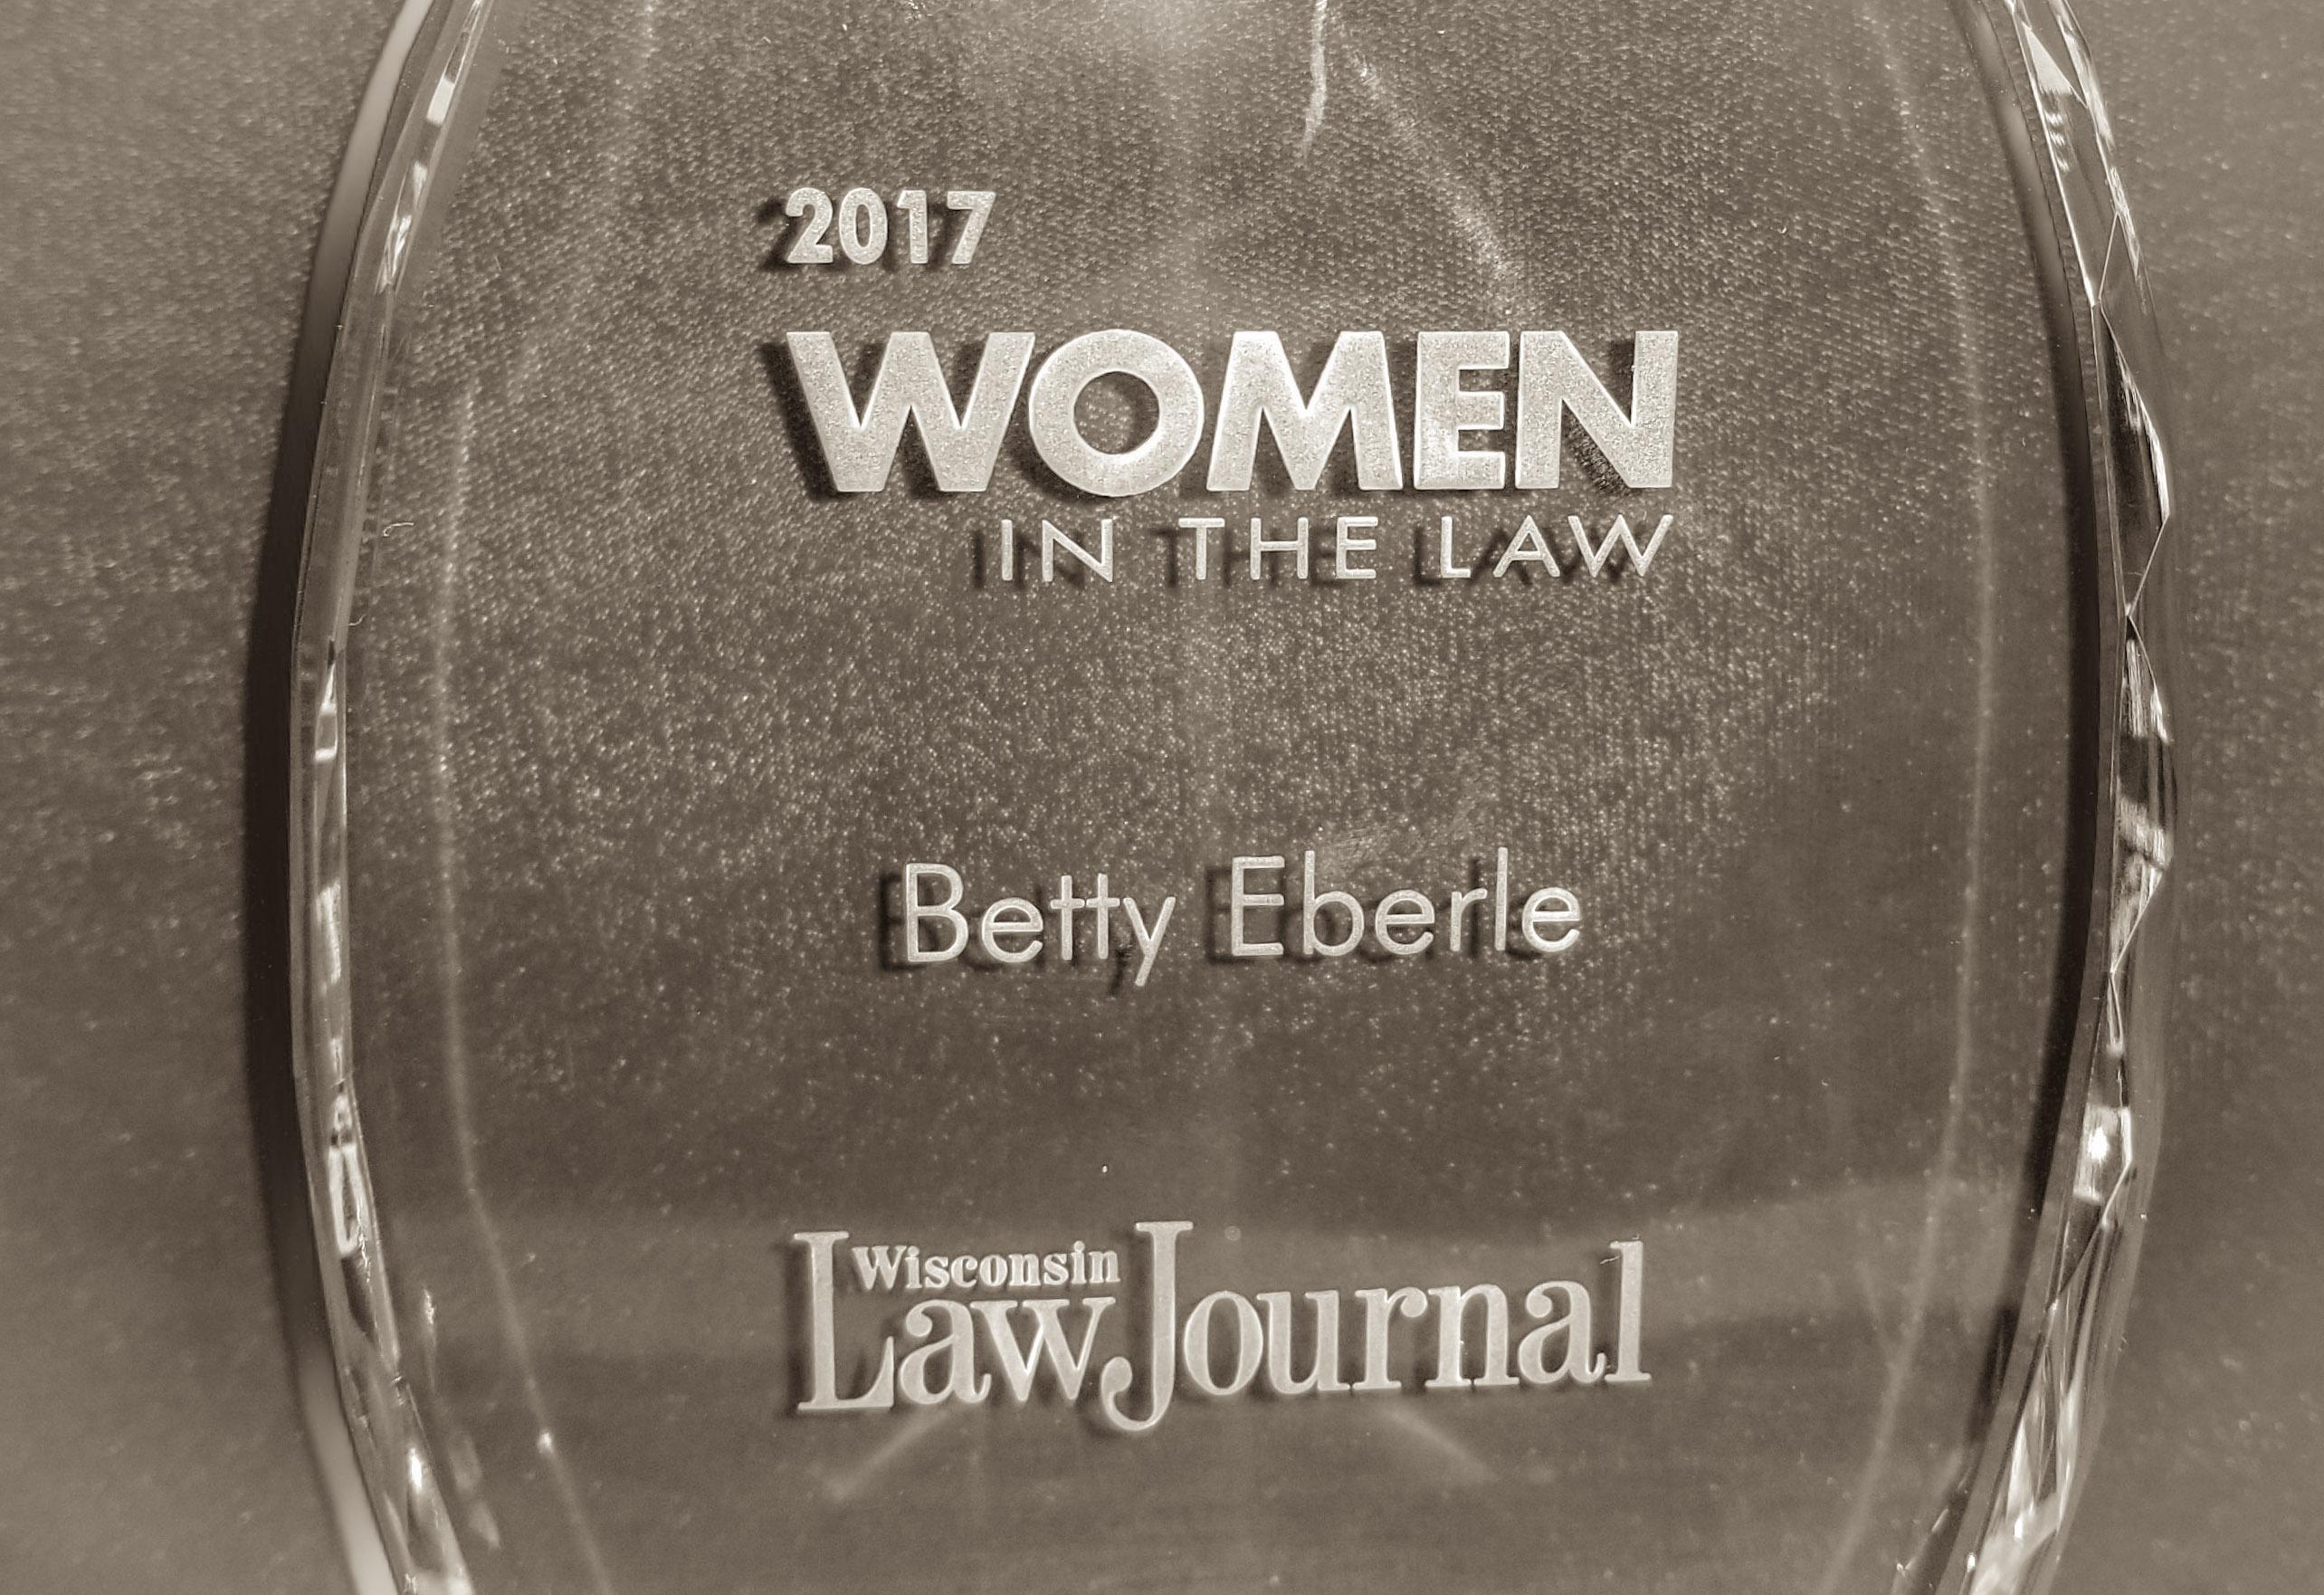 Betty Eberle Receives 2017 Women in the Law Award